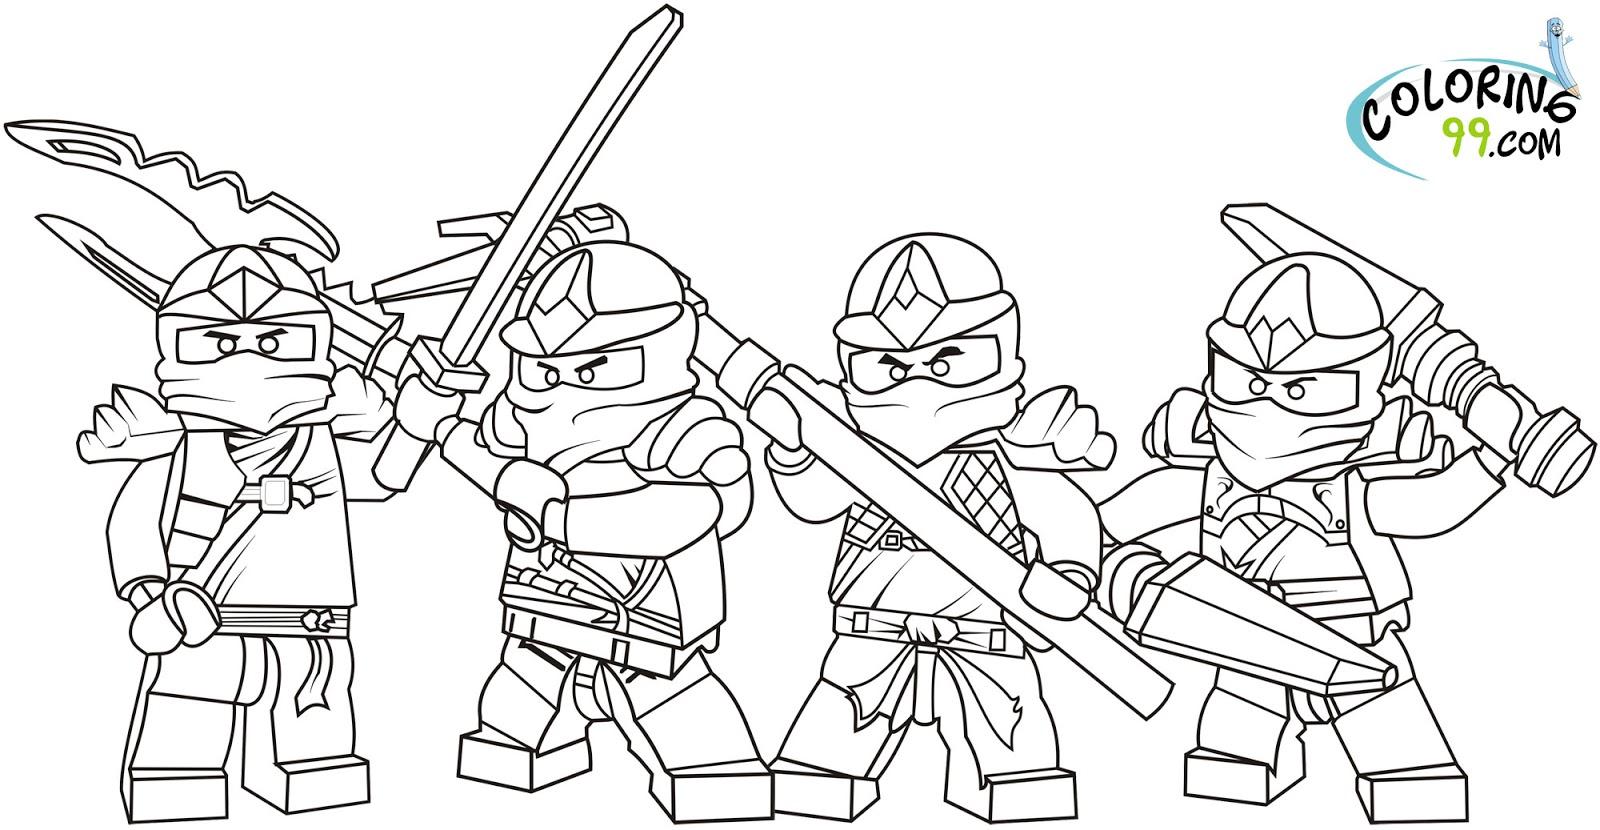 Tranh tô màu bốn ninjago dùng vũ khí chiến đấu